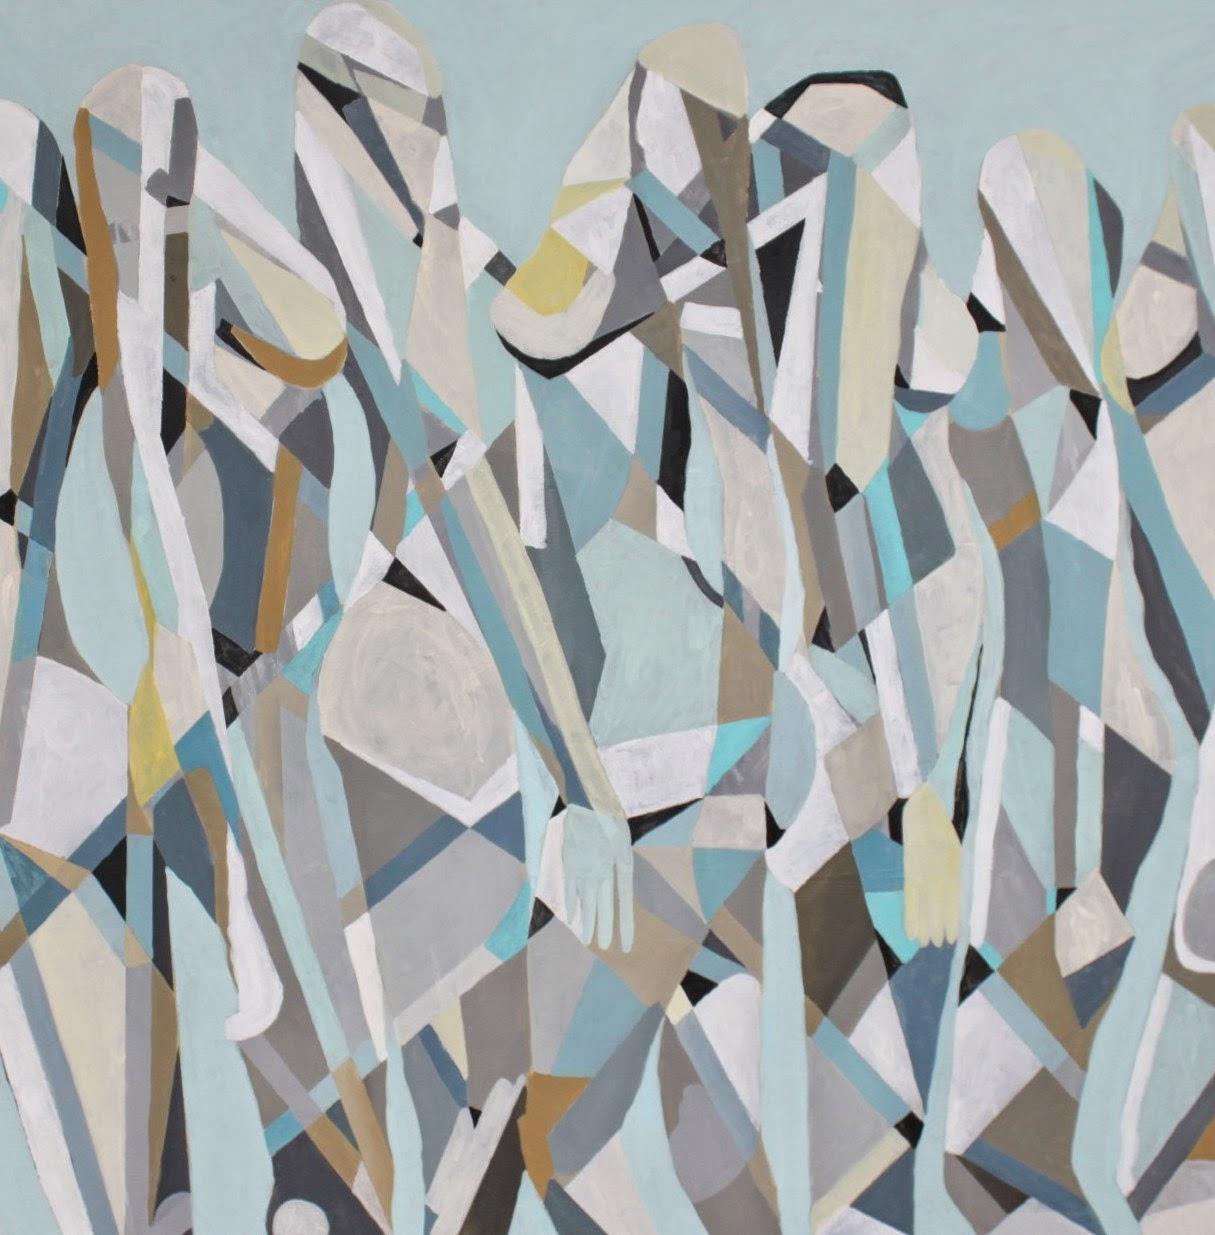 kobieca geometria II, 90/90cm, akryl